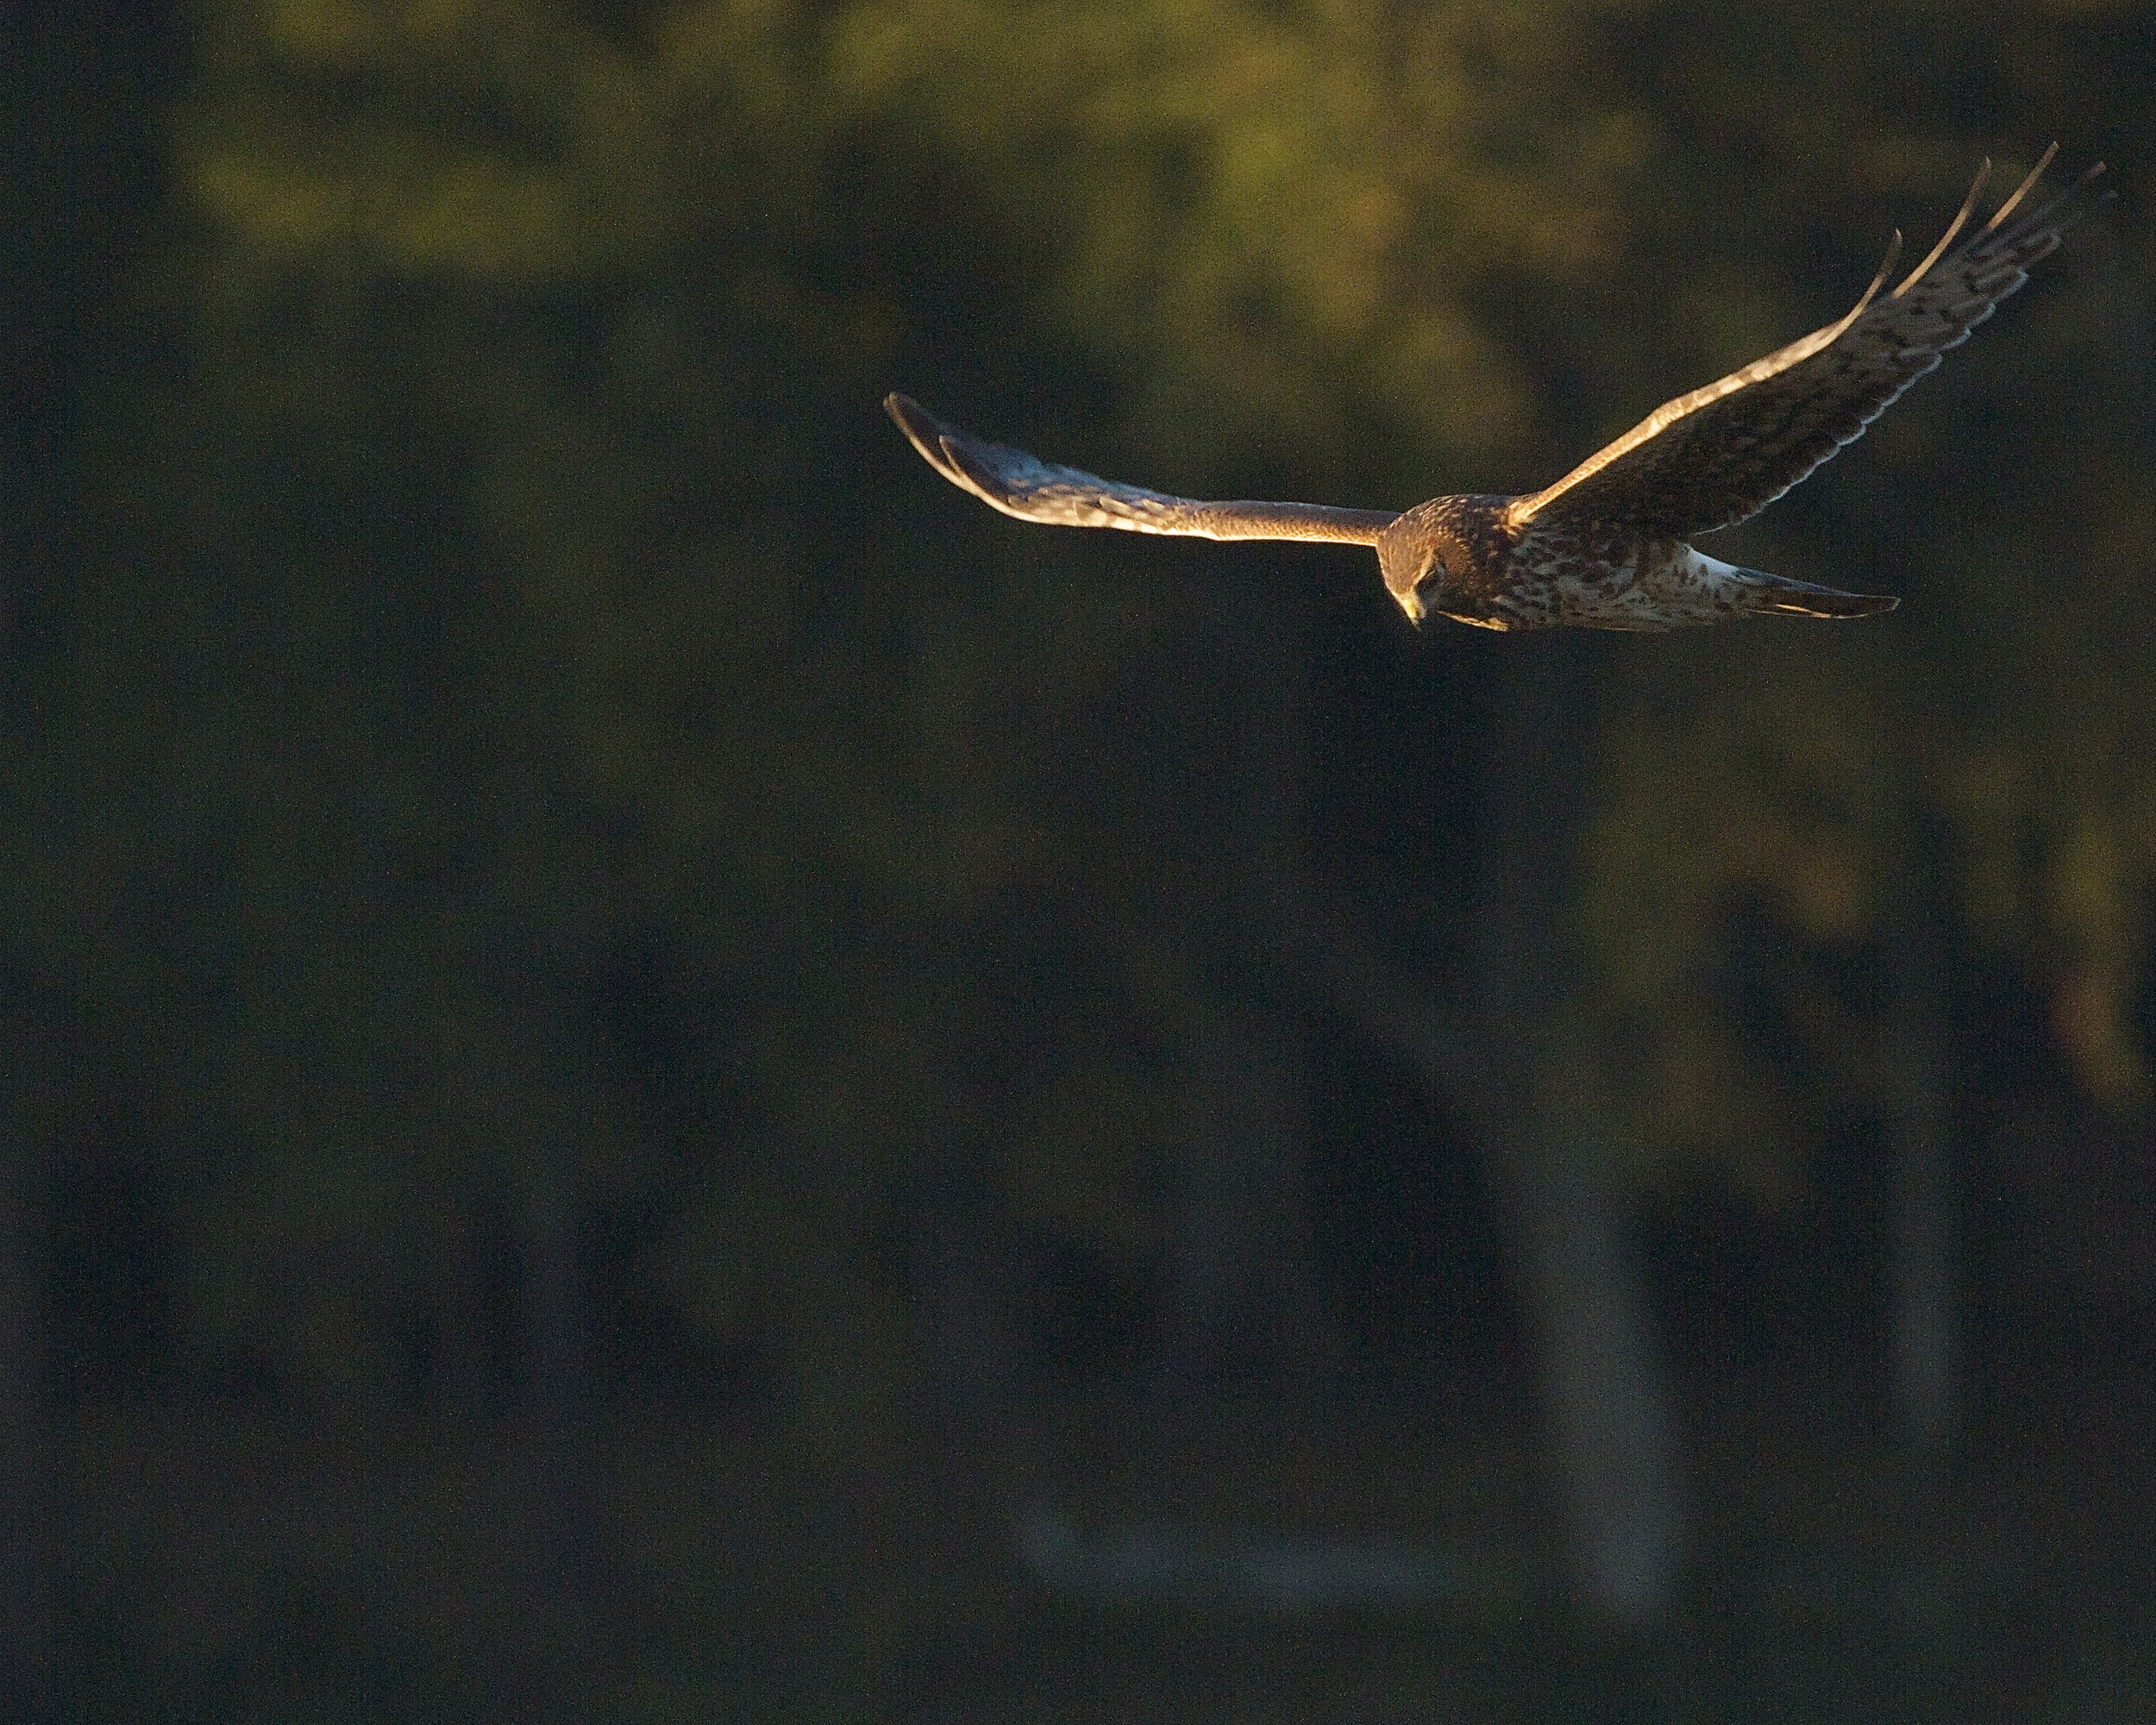 Northern Harrier hawk flies low over the marsh looking for prey.